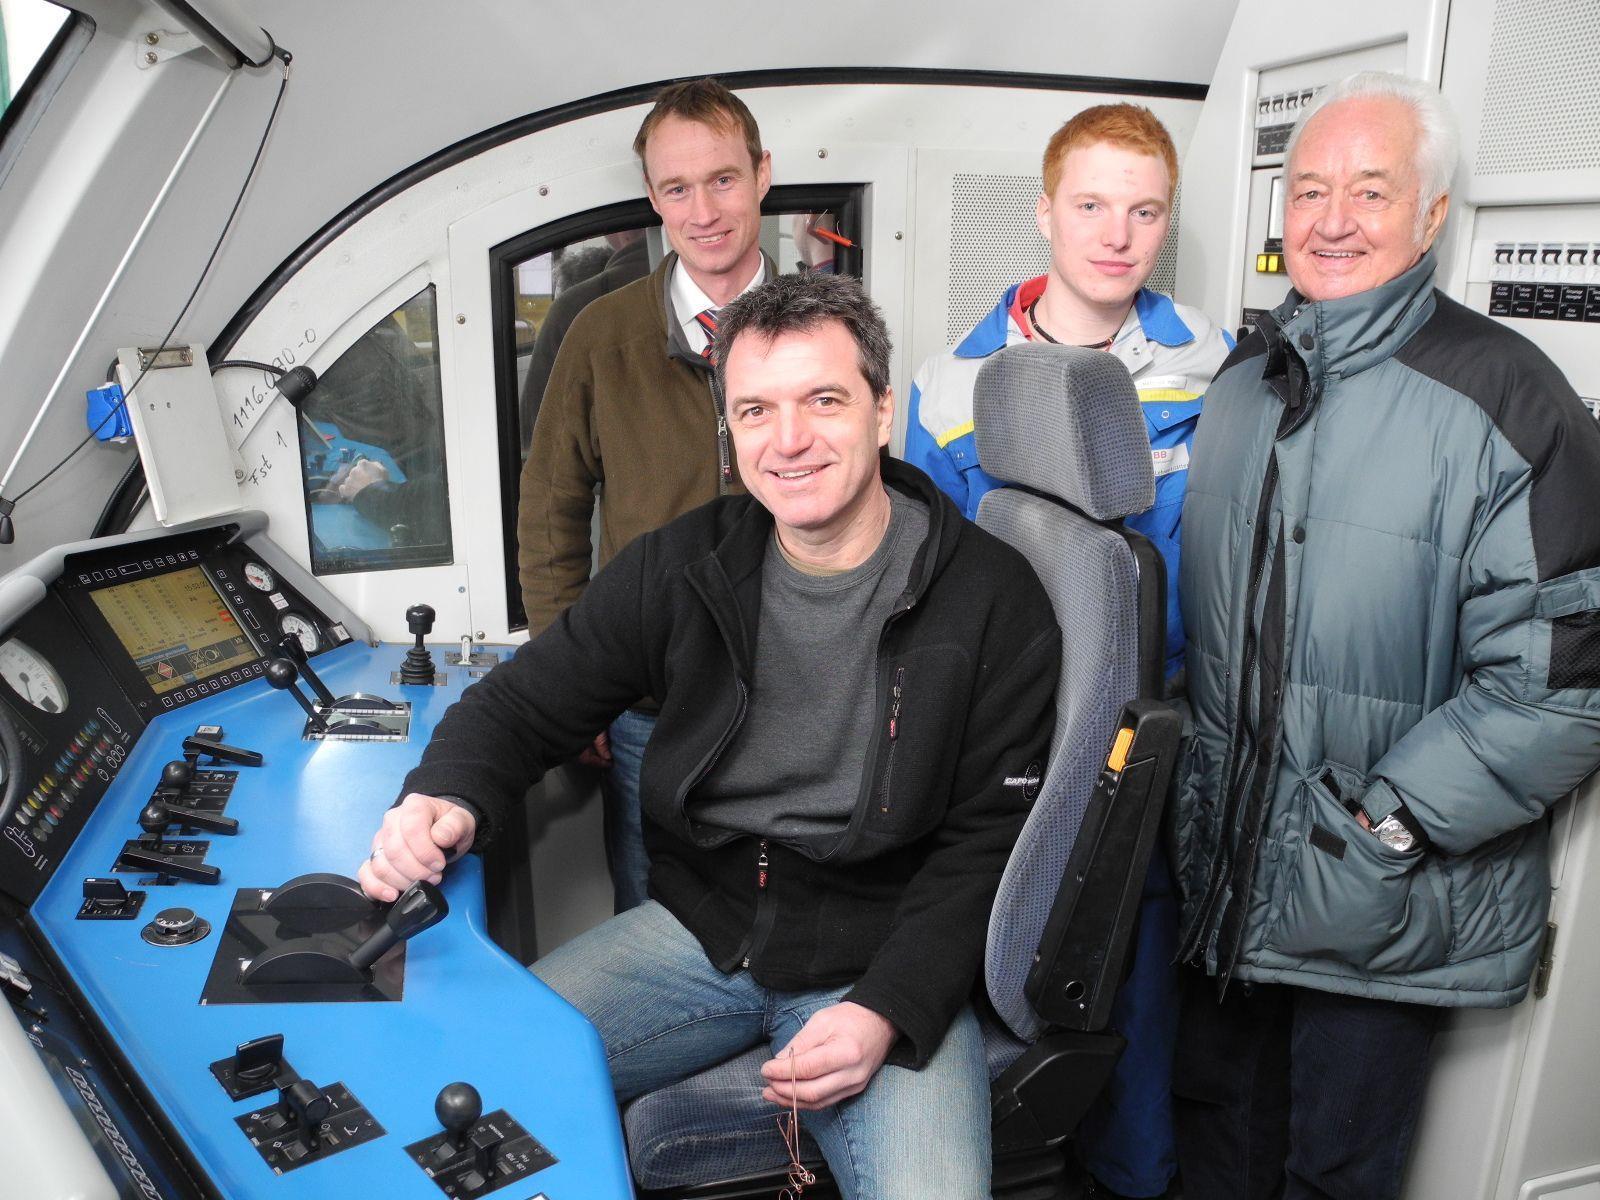 Beim Tag der offenen Tür in der ÖBB-Lehrwerkstätte wurde auch der Beruf des Lokführers vorgestellt